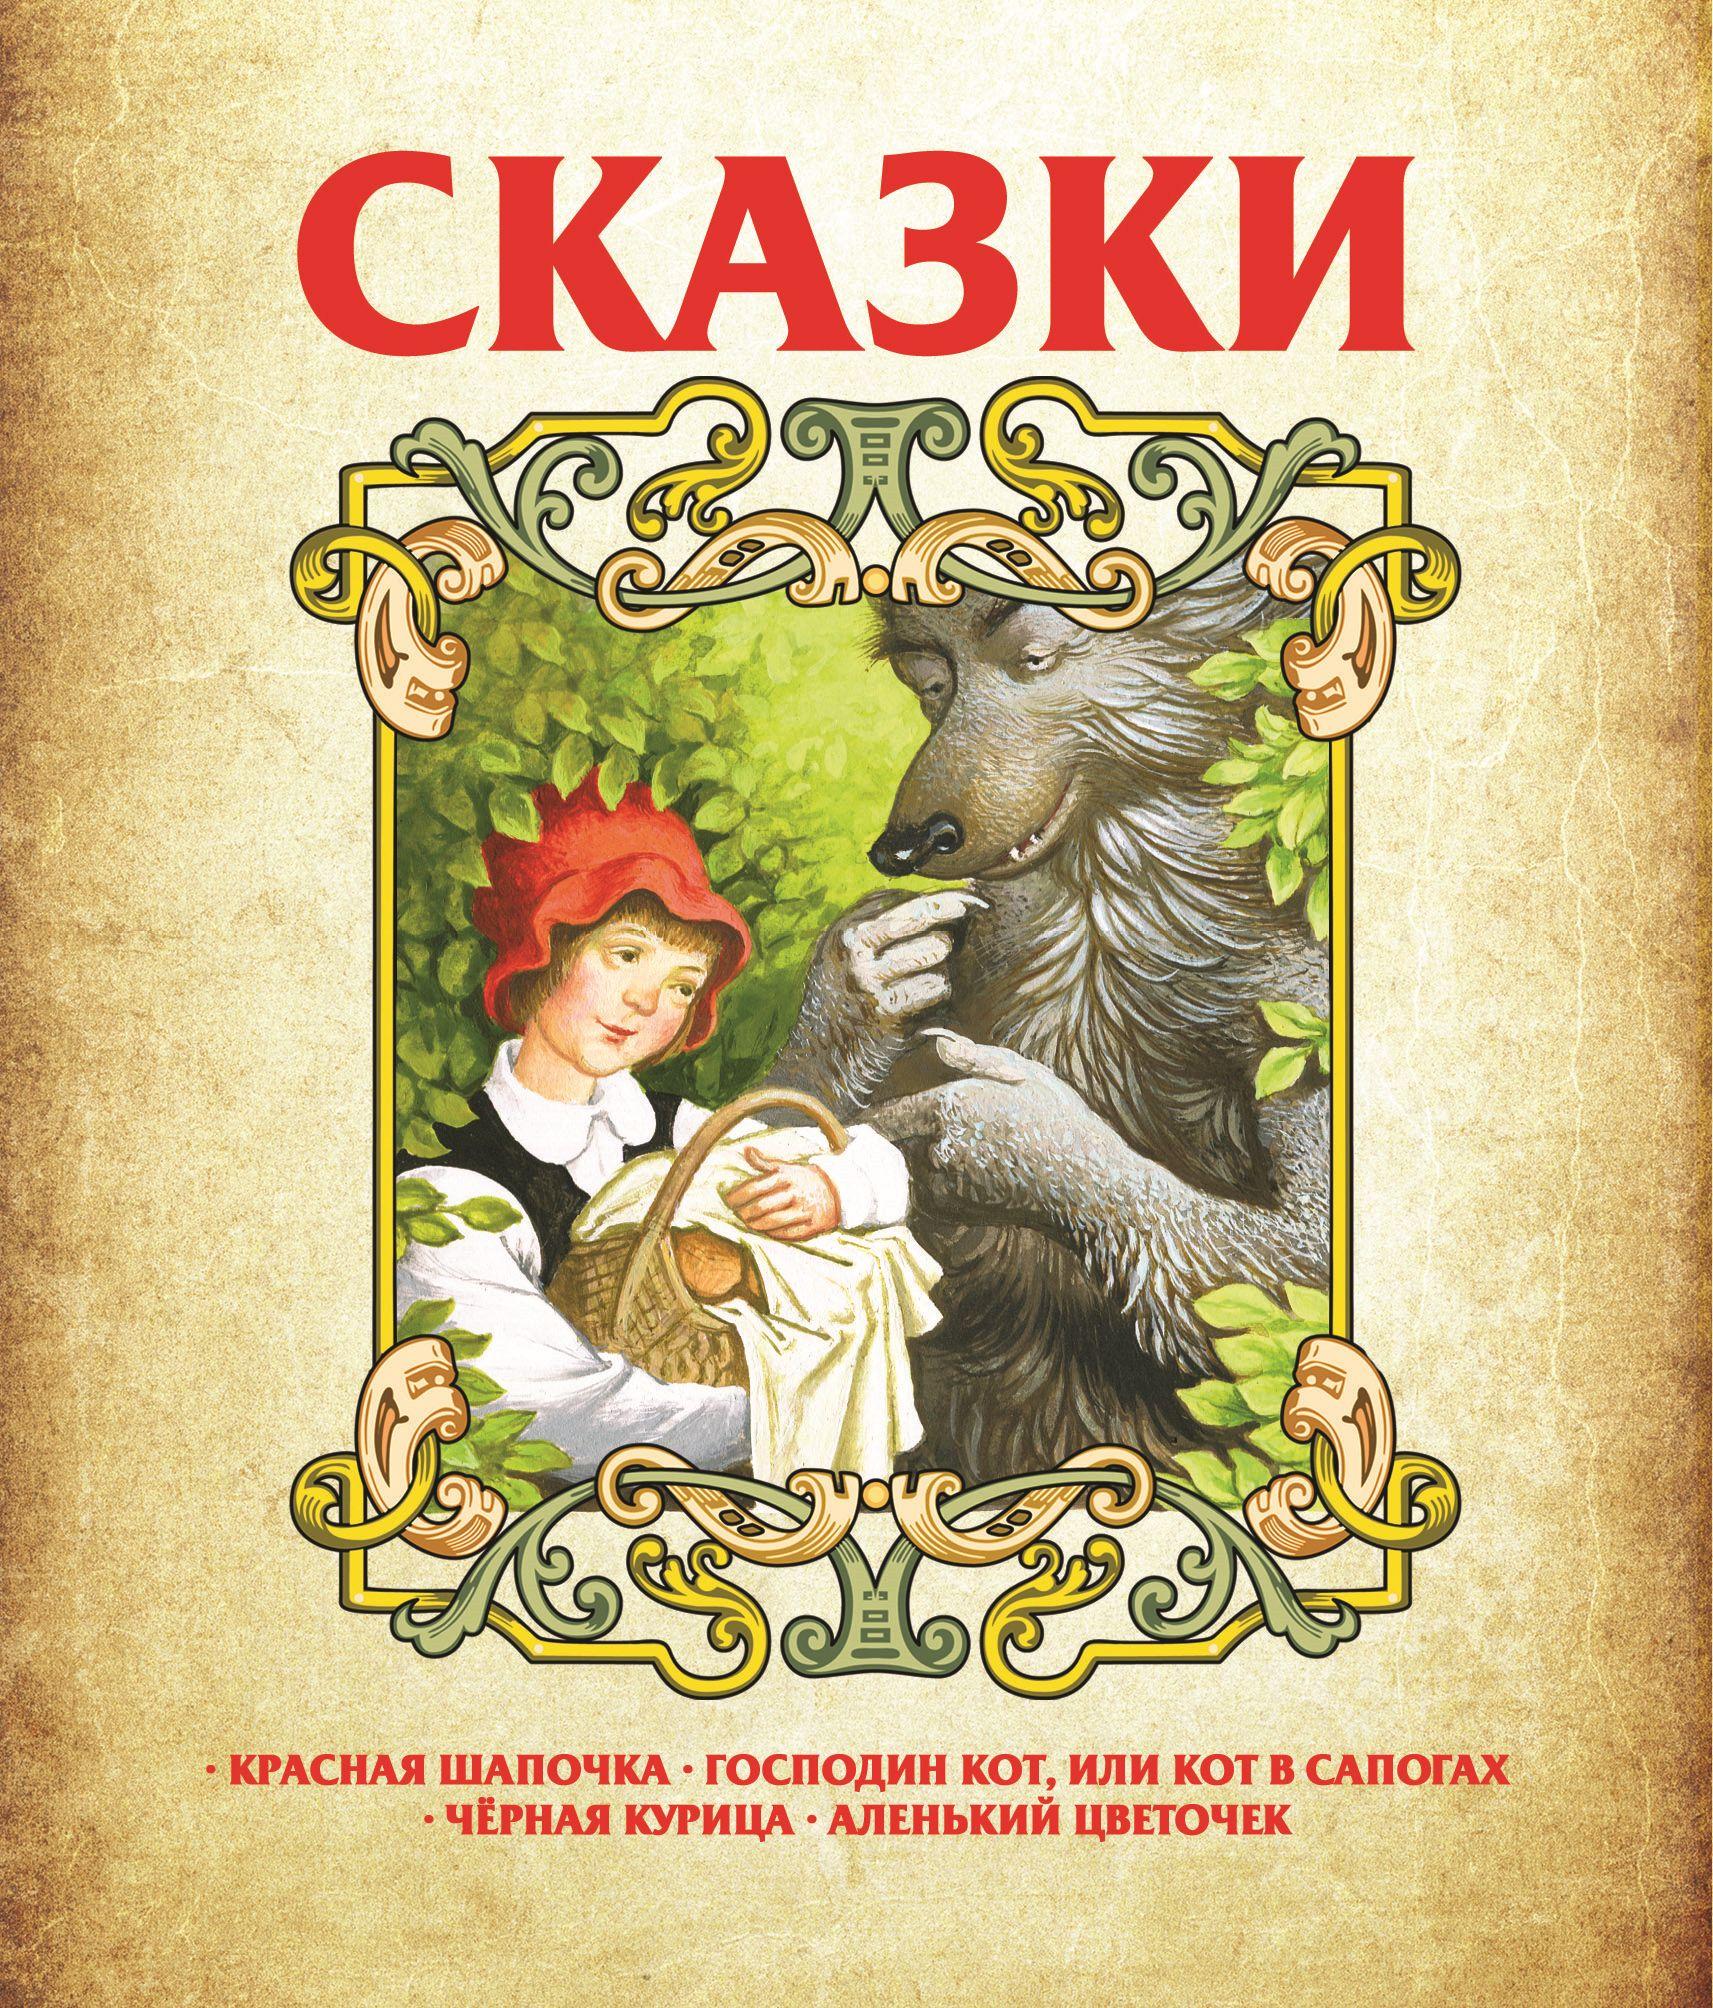 Отсутствует Сказки: Красная Шапочка, Господин Кот, или Кот в сапогах, Чёрная курица, Аленький цветочек кот в сапогах